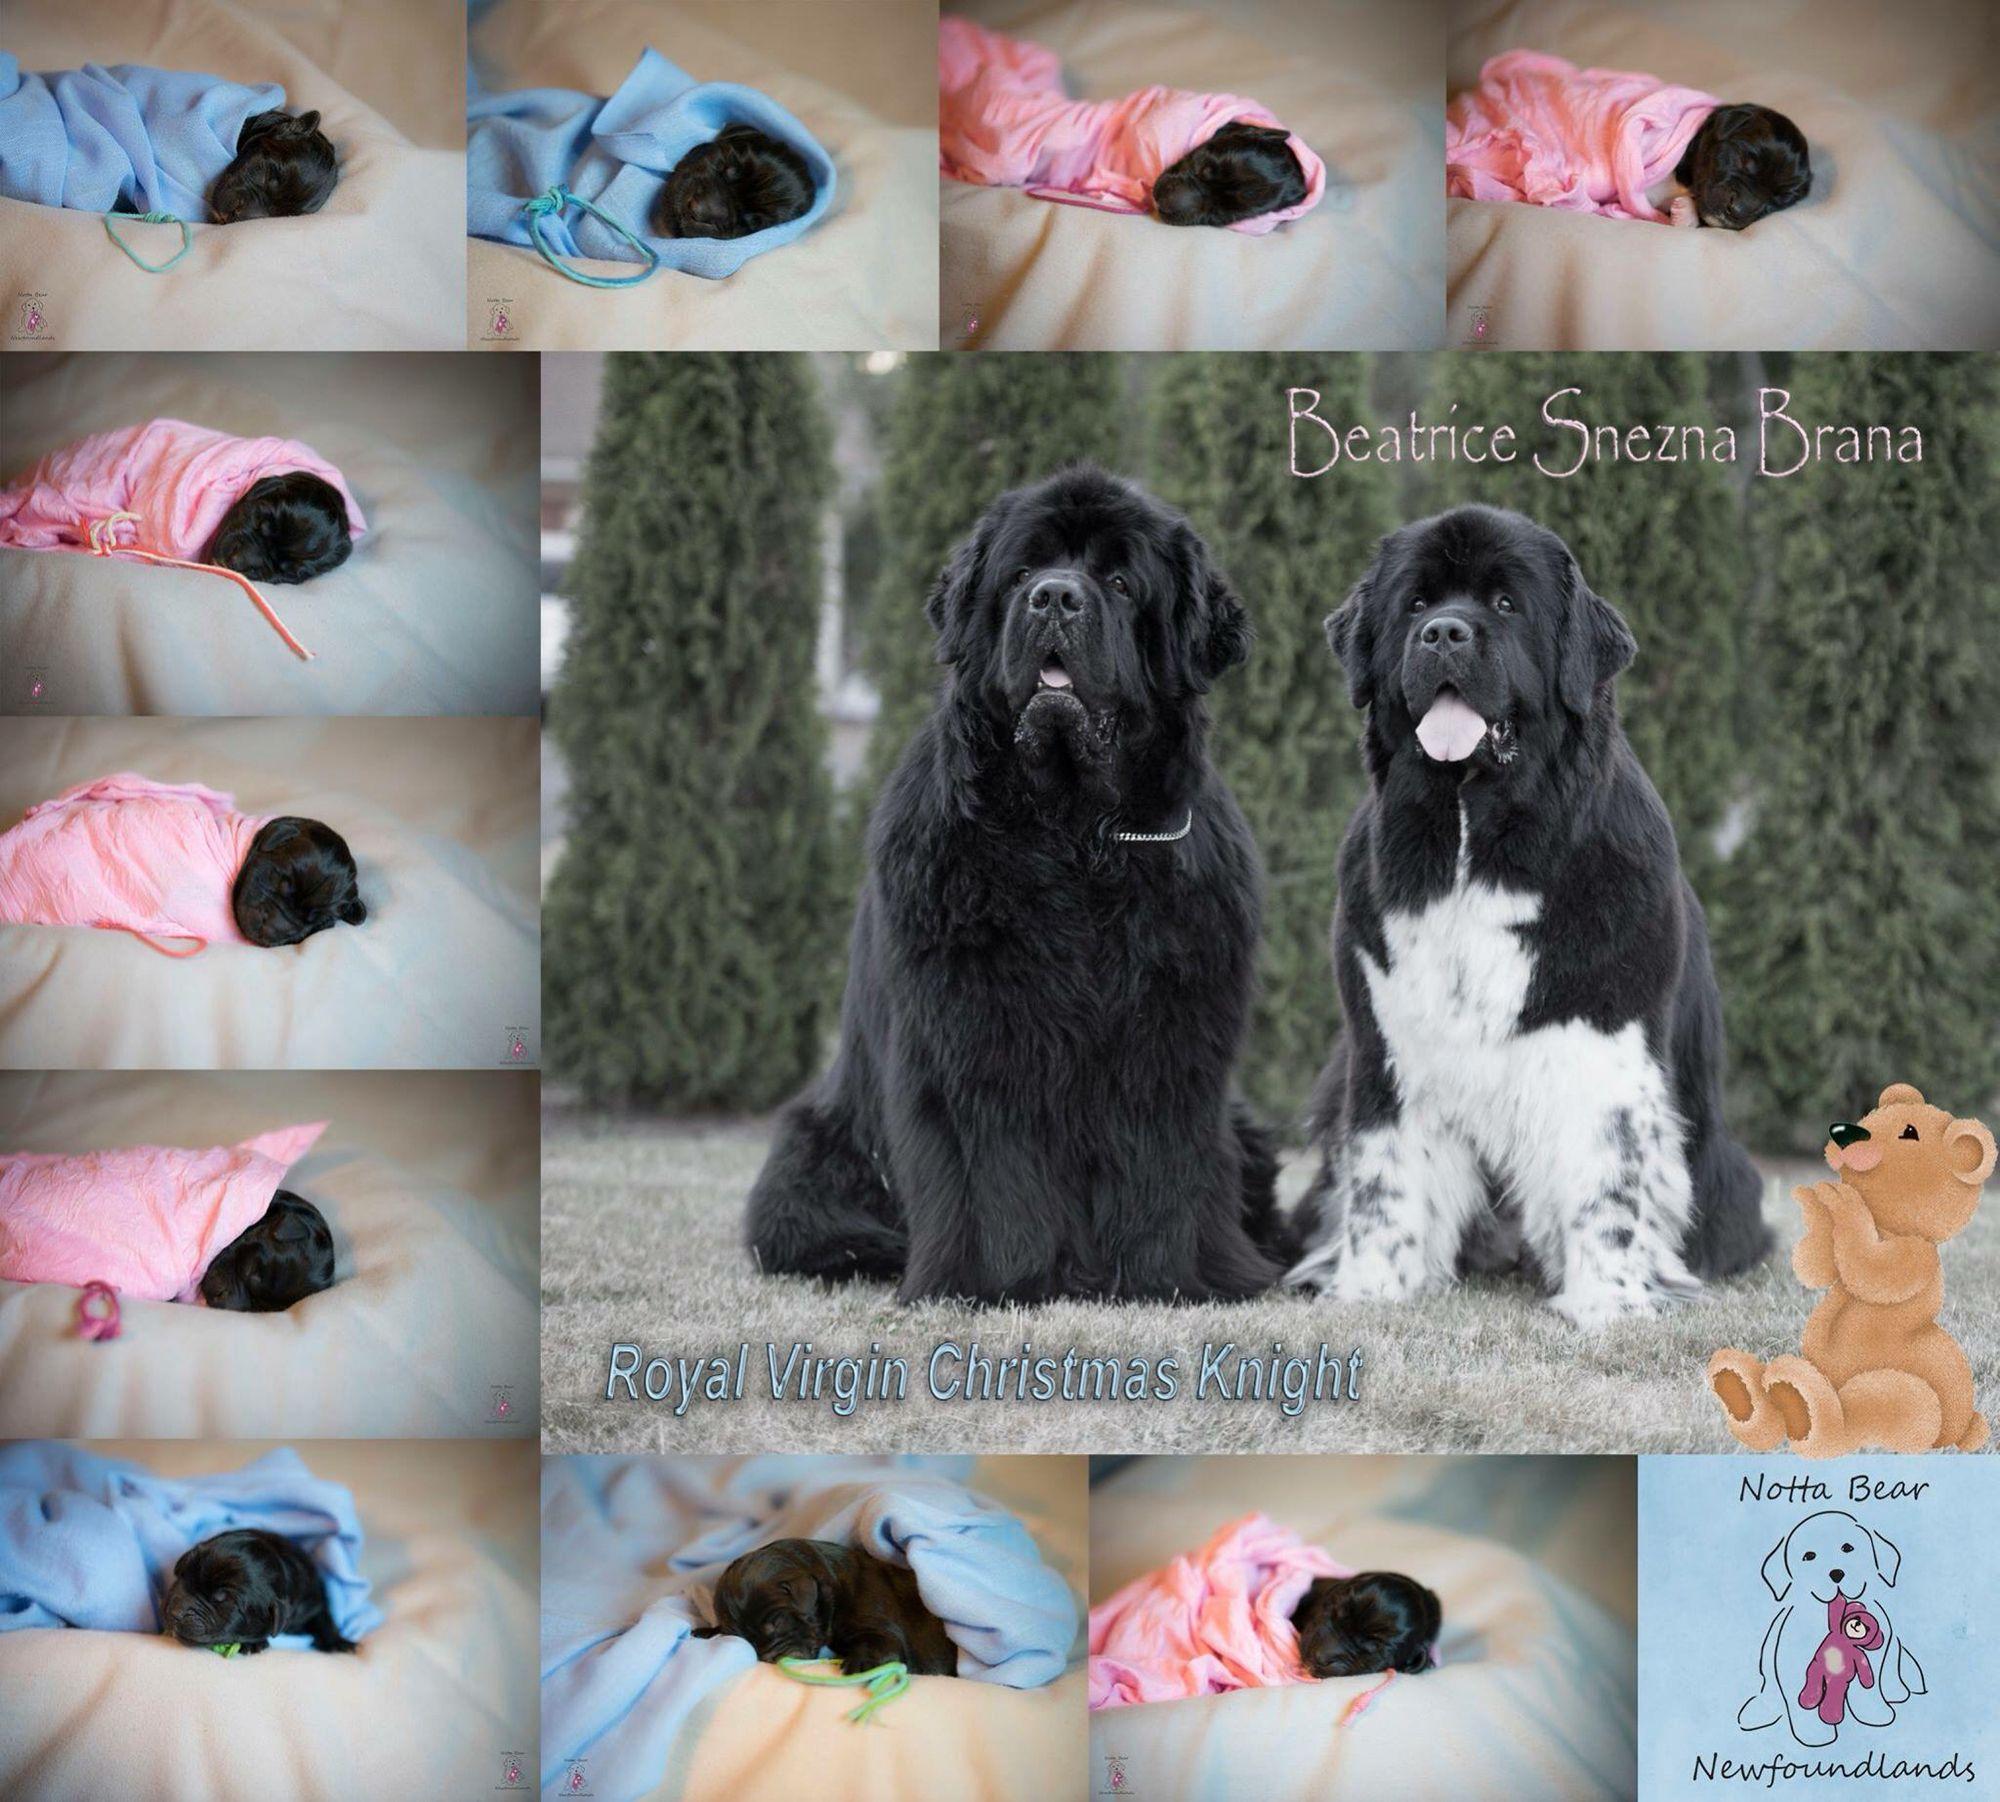 Notta Bear Newfoundlands Puppy Litter Photo Puppy Litter Pregnant Dog Whelping Puppies